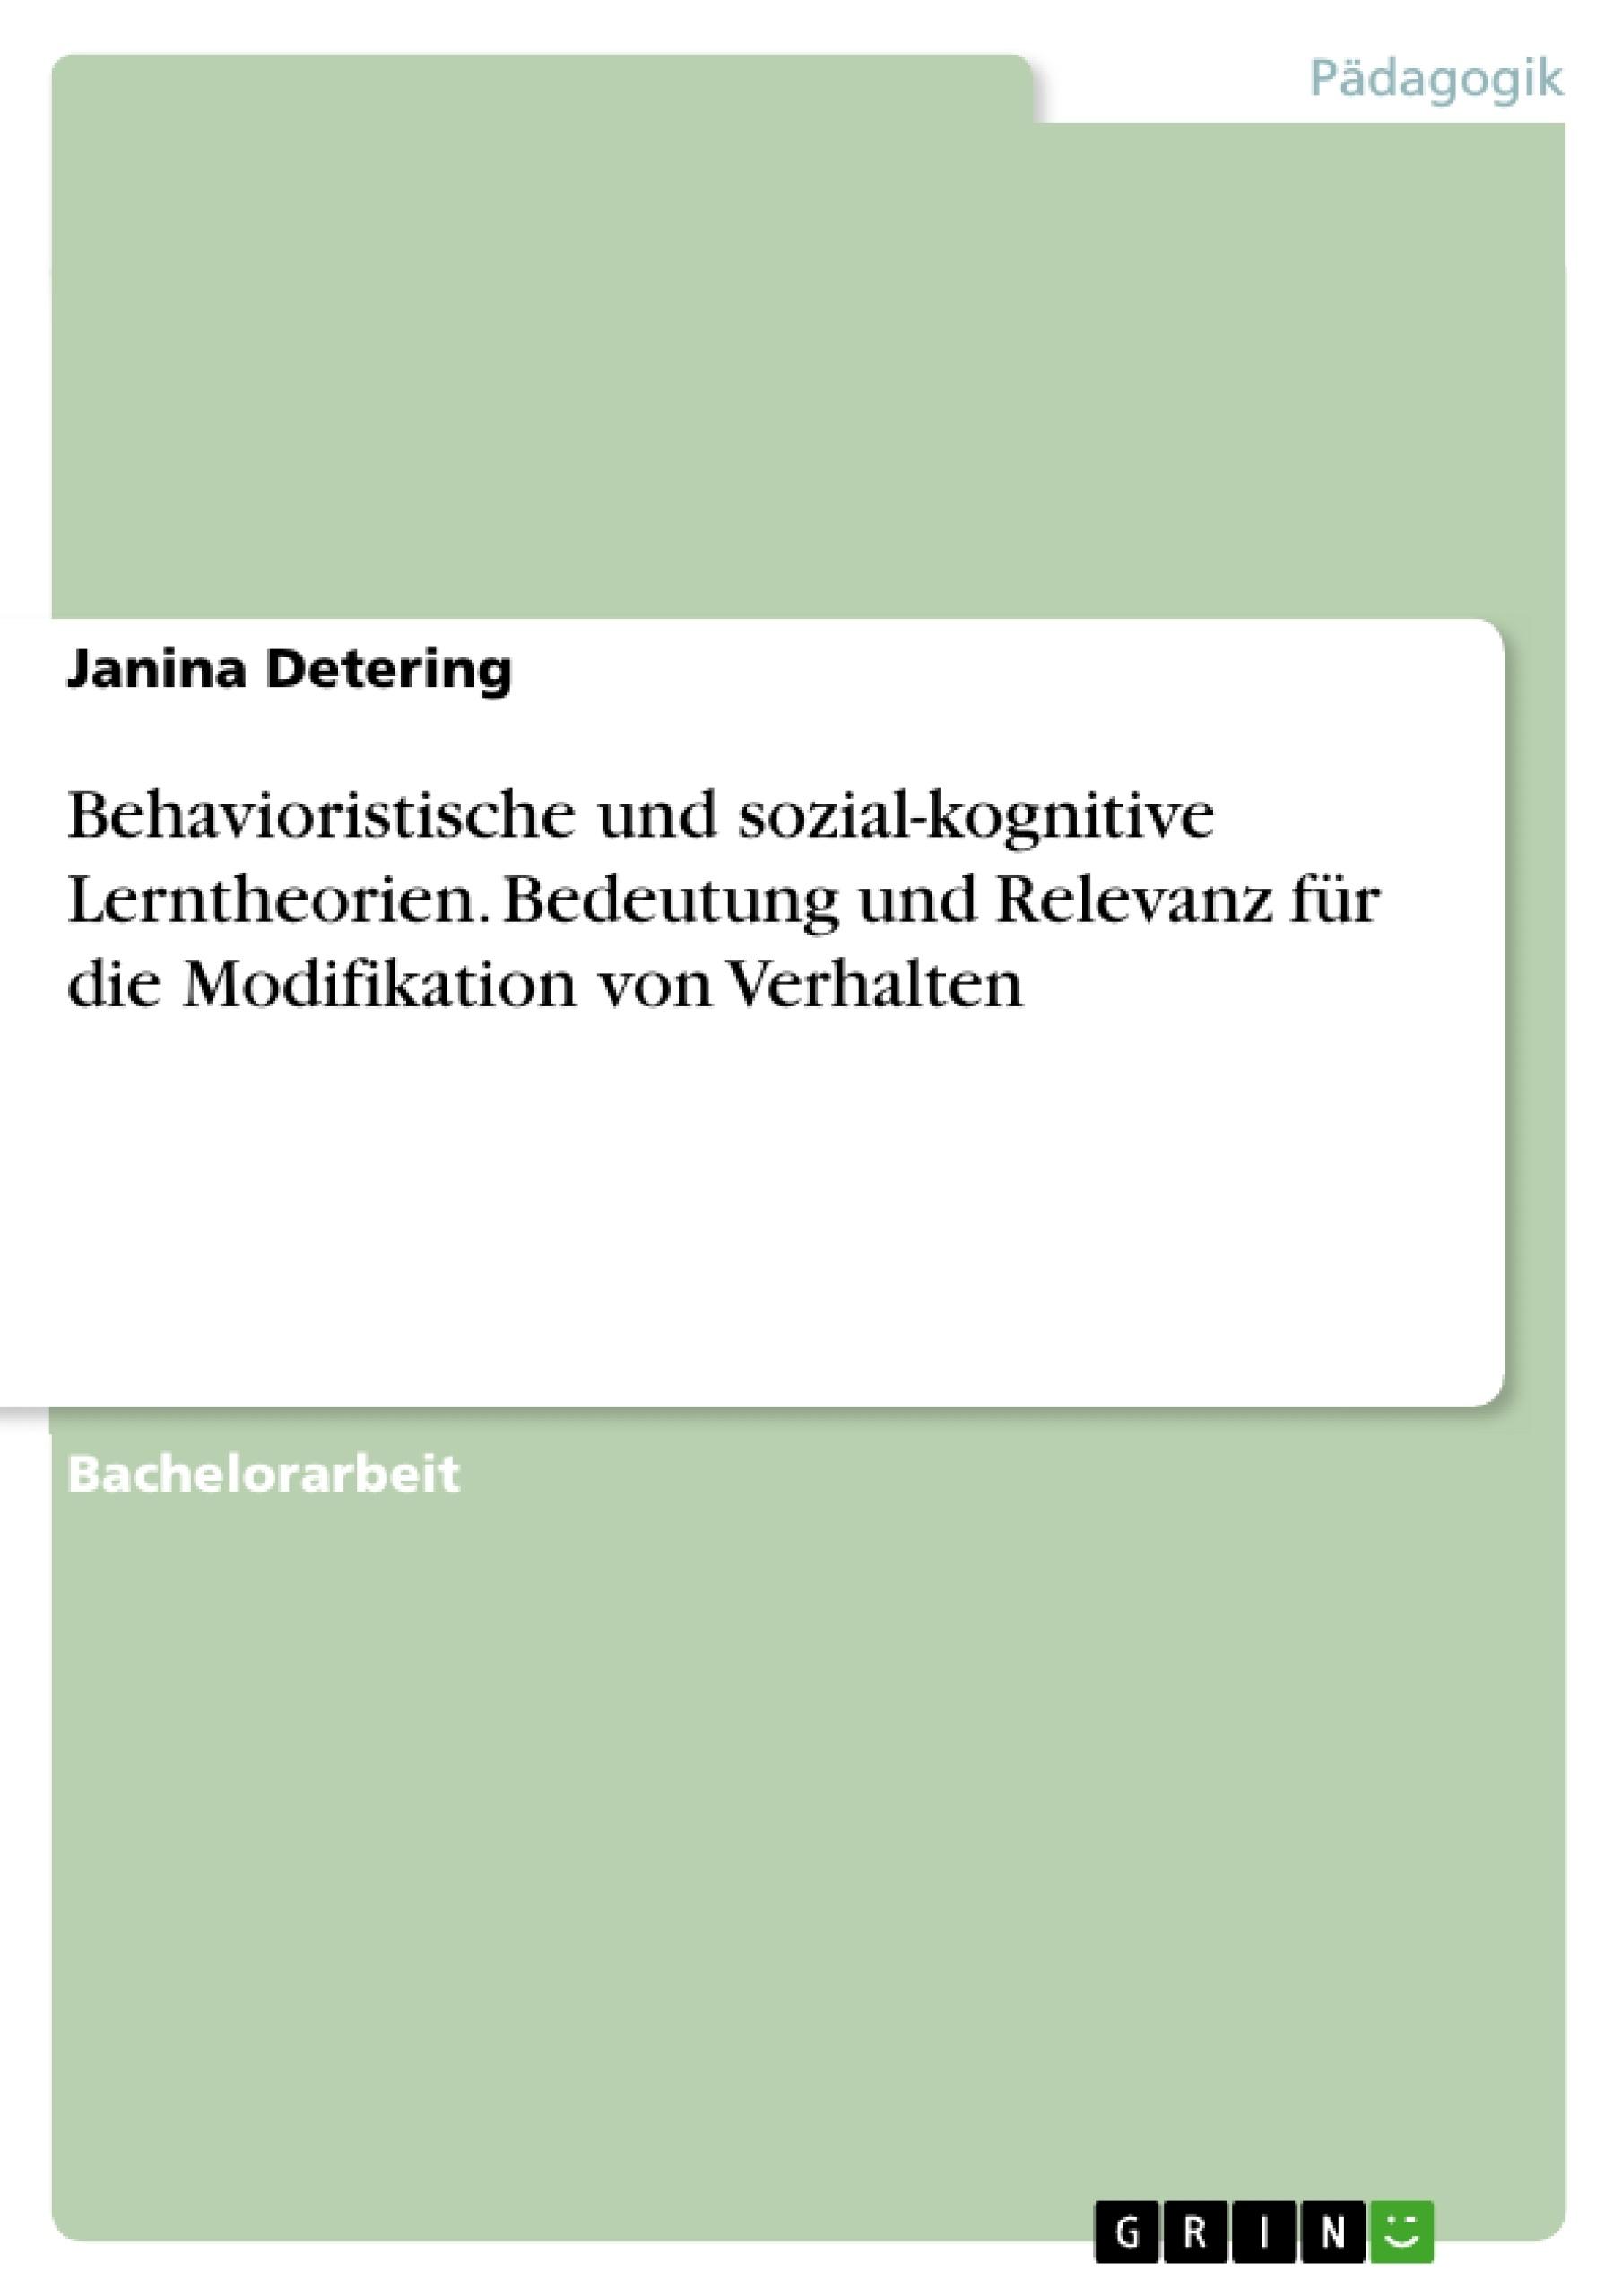 Titel: Behavioristische und sozial-kognitive Lerntheorien. Bedeutung und Relevanz für die Modifikation von Verhalten